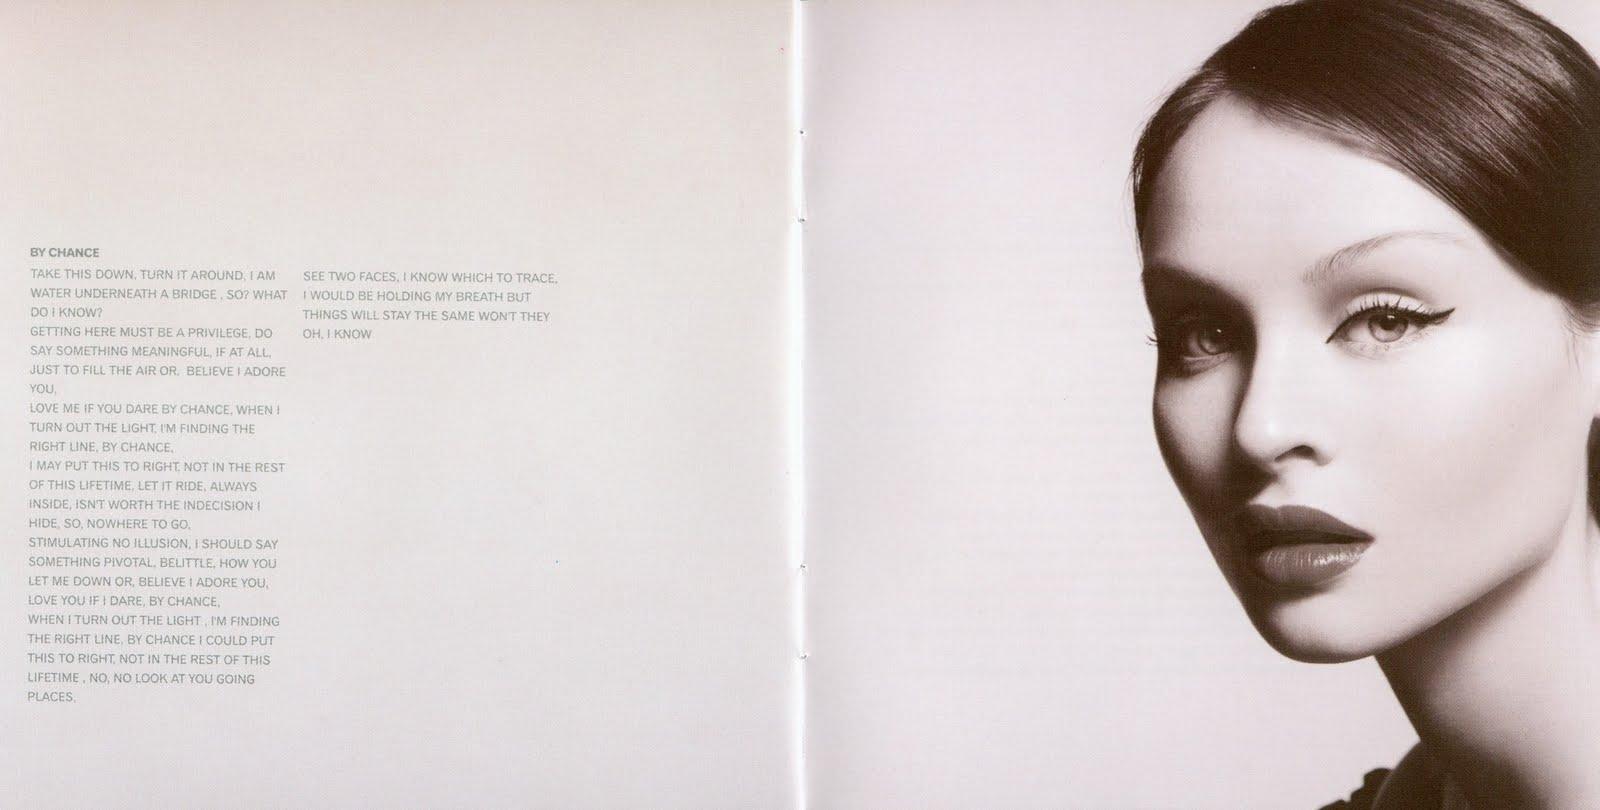 http://3.bp.blogspot.com/-7QO7qCn6b7c/TXV-z-A8KTI/AAAAAAAASK4/FiyKgWvXyMs/s1600/Booklet-6.jpg